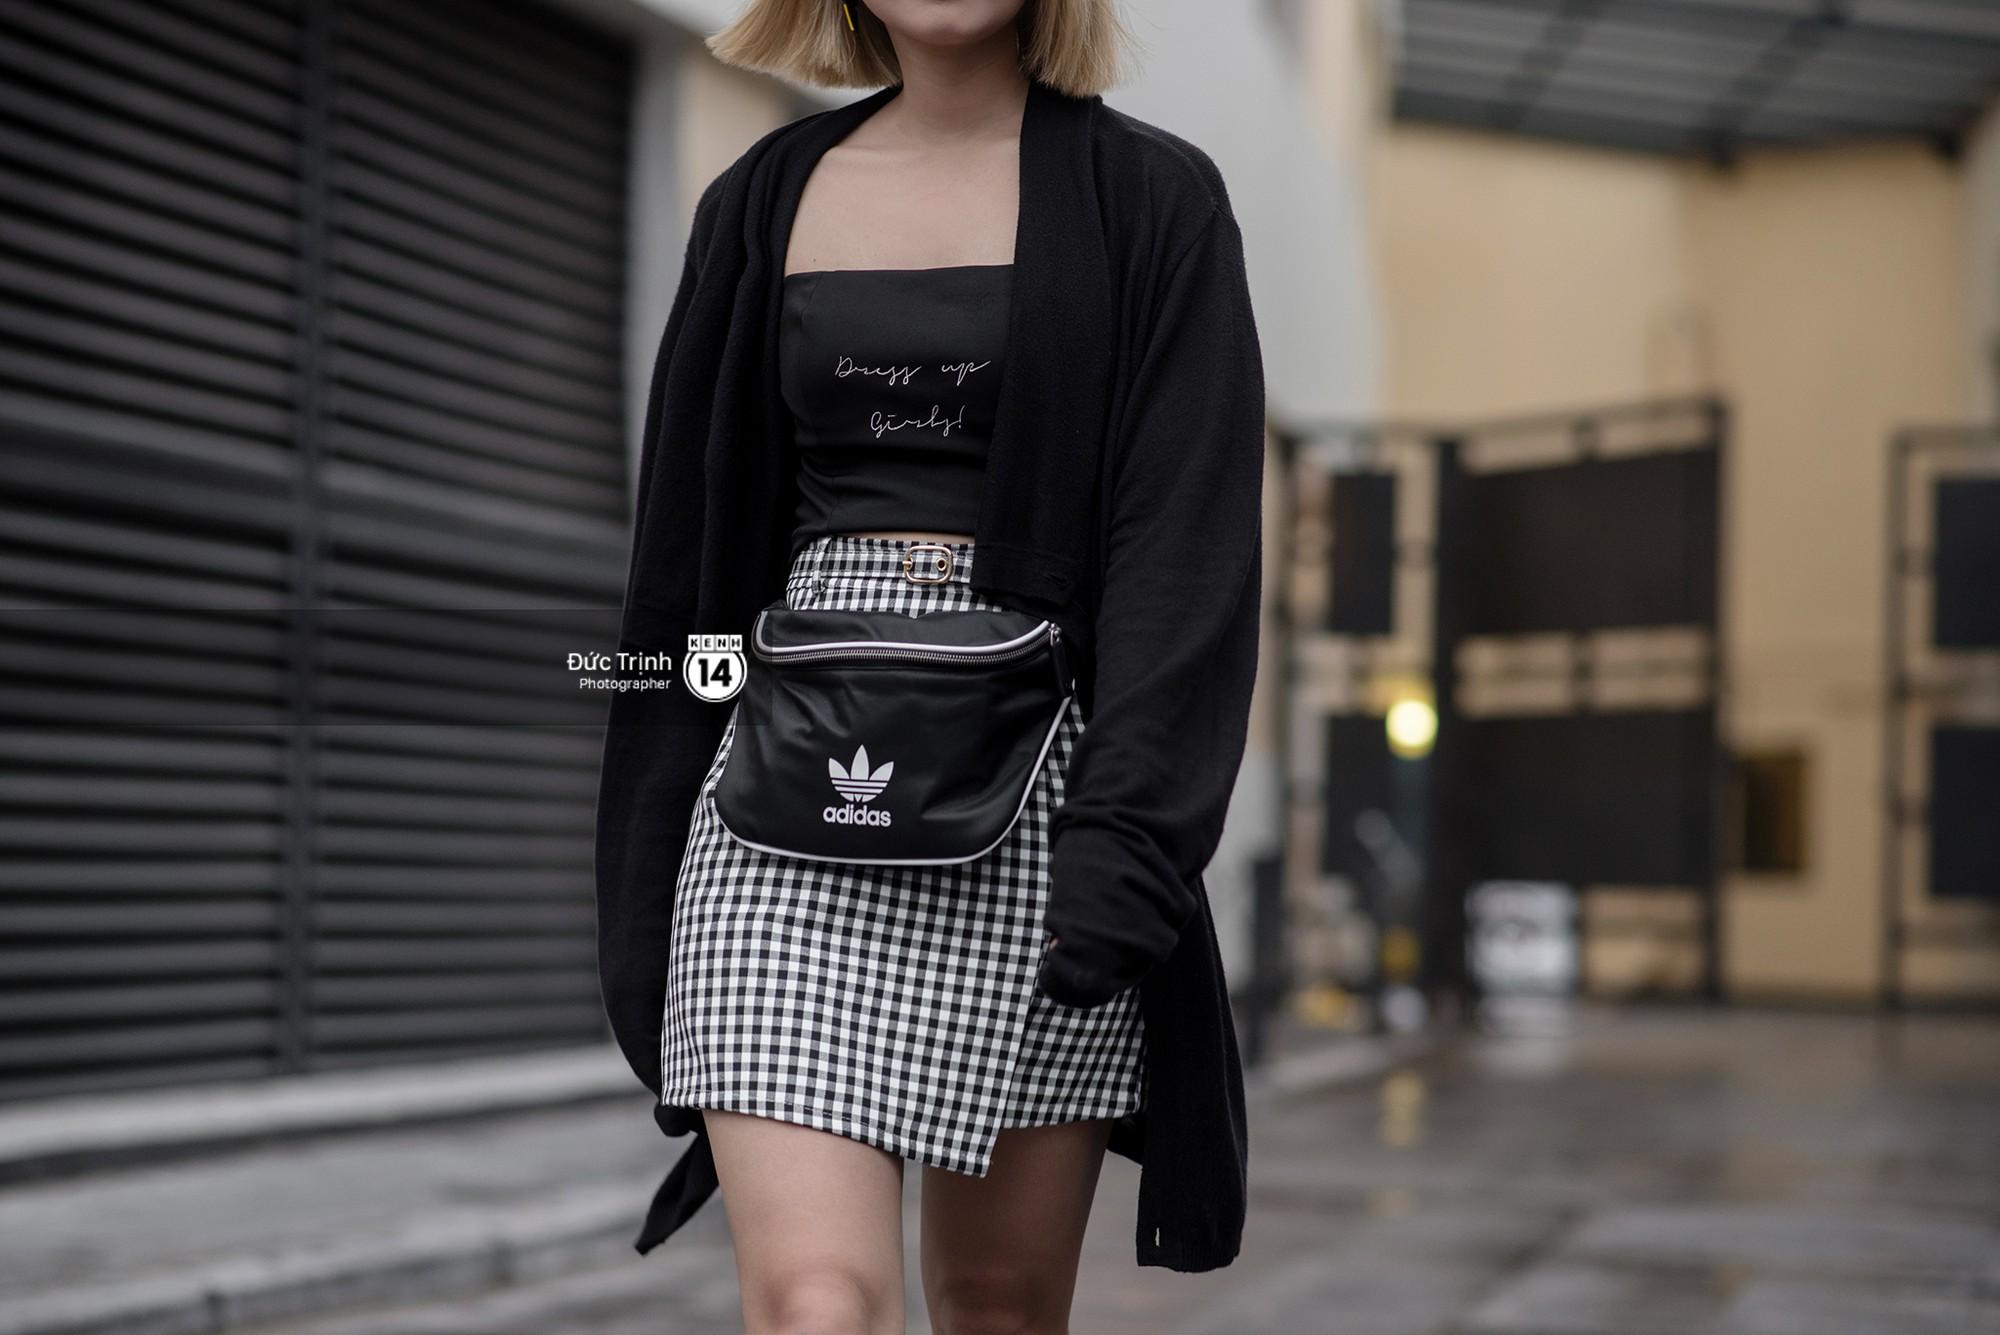 Giới trẻ 2 miền chinh phục loạt hot trend, khoe street style siêu cool và thời thượng - Ảnh 17.